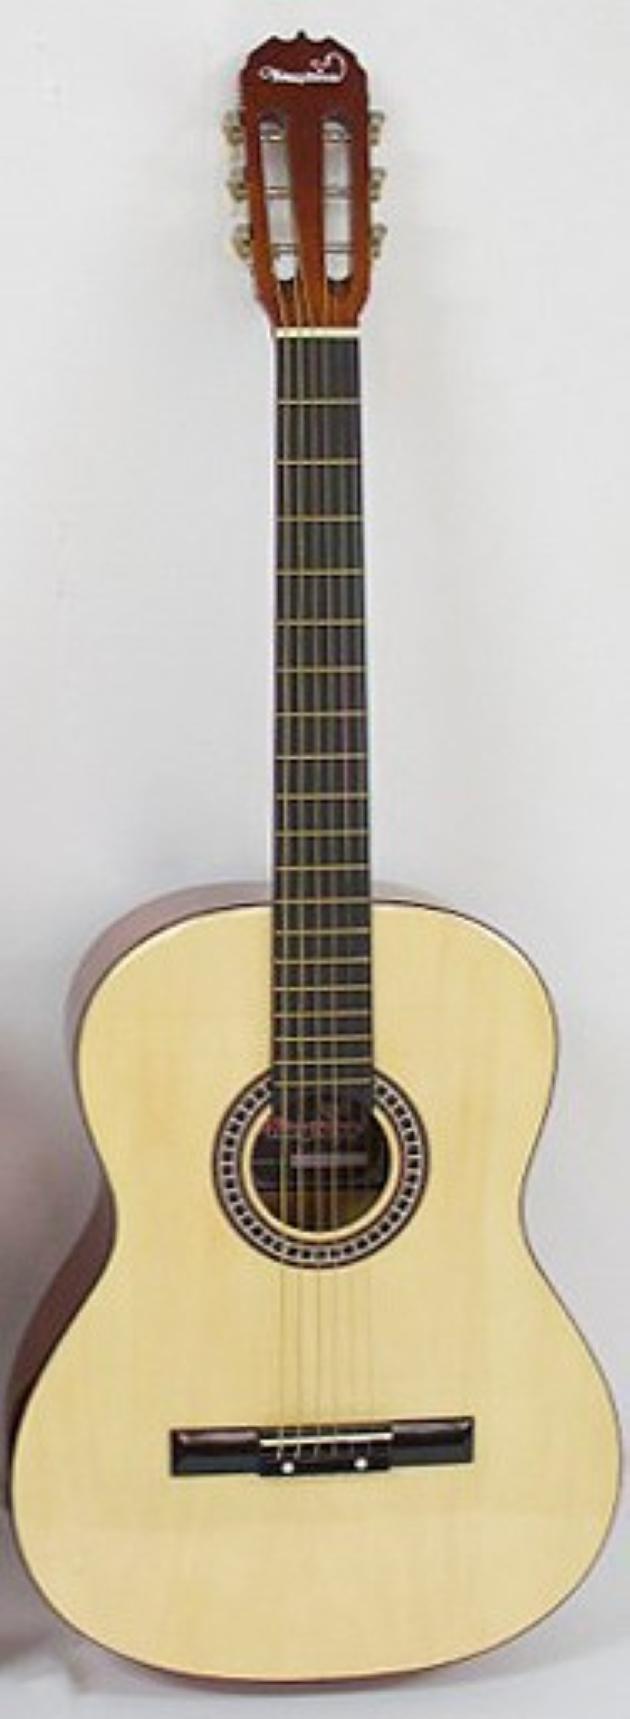 AG3990-39吋古典吉他(原木色) 定價2100 1